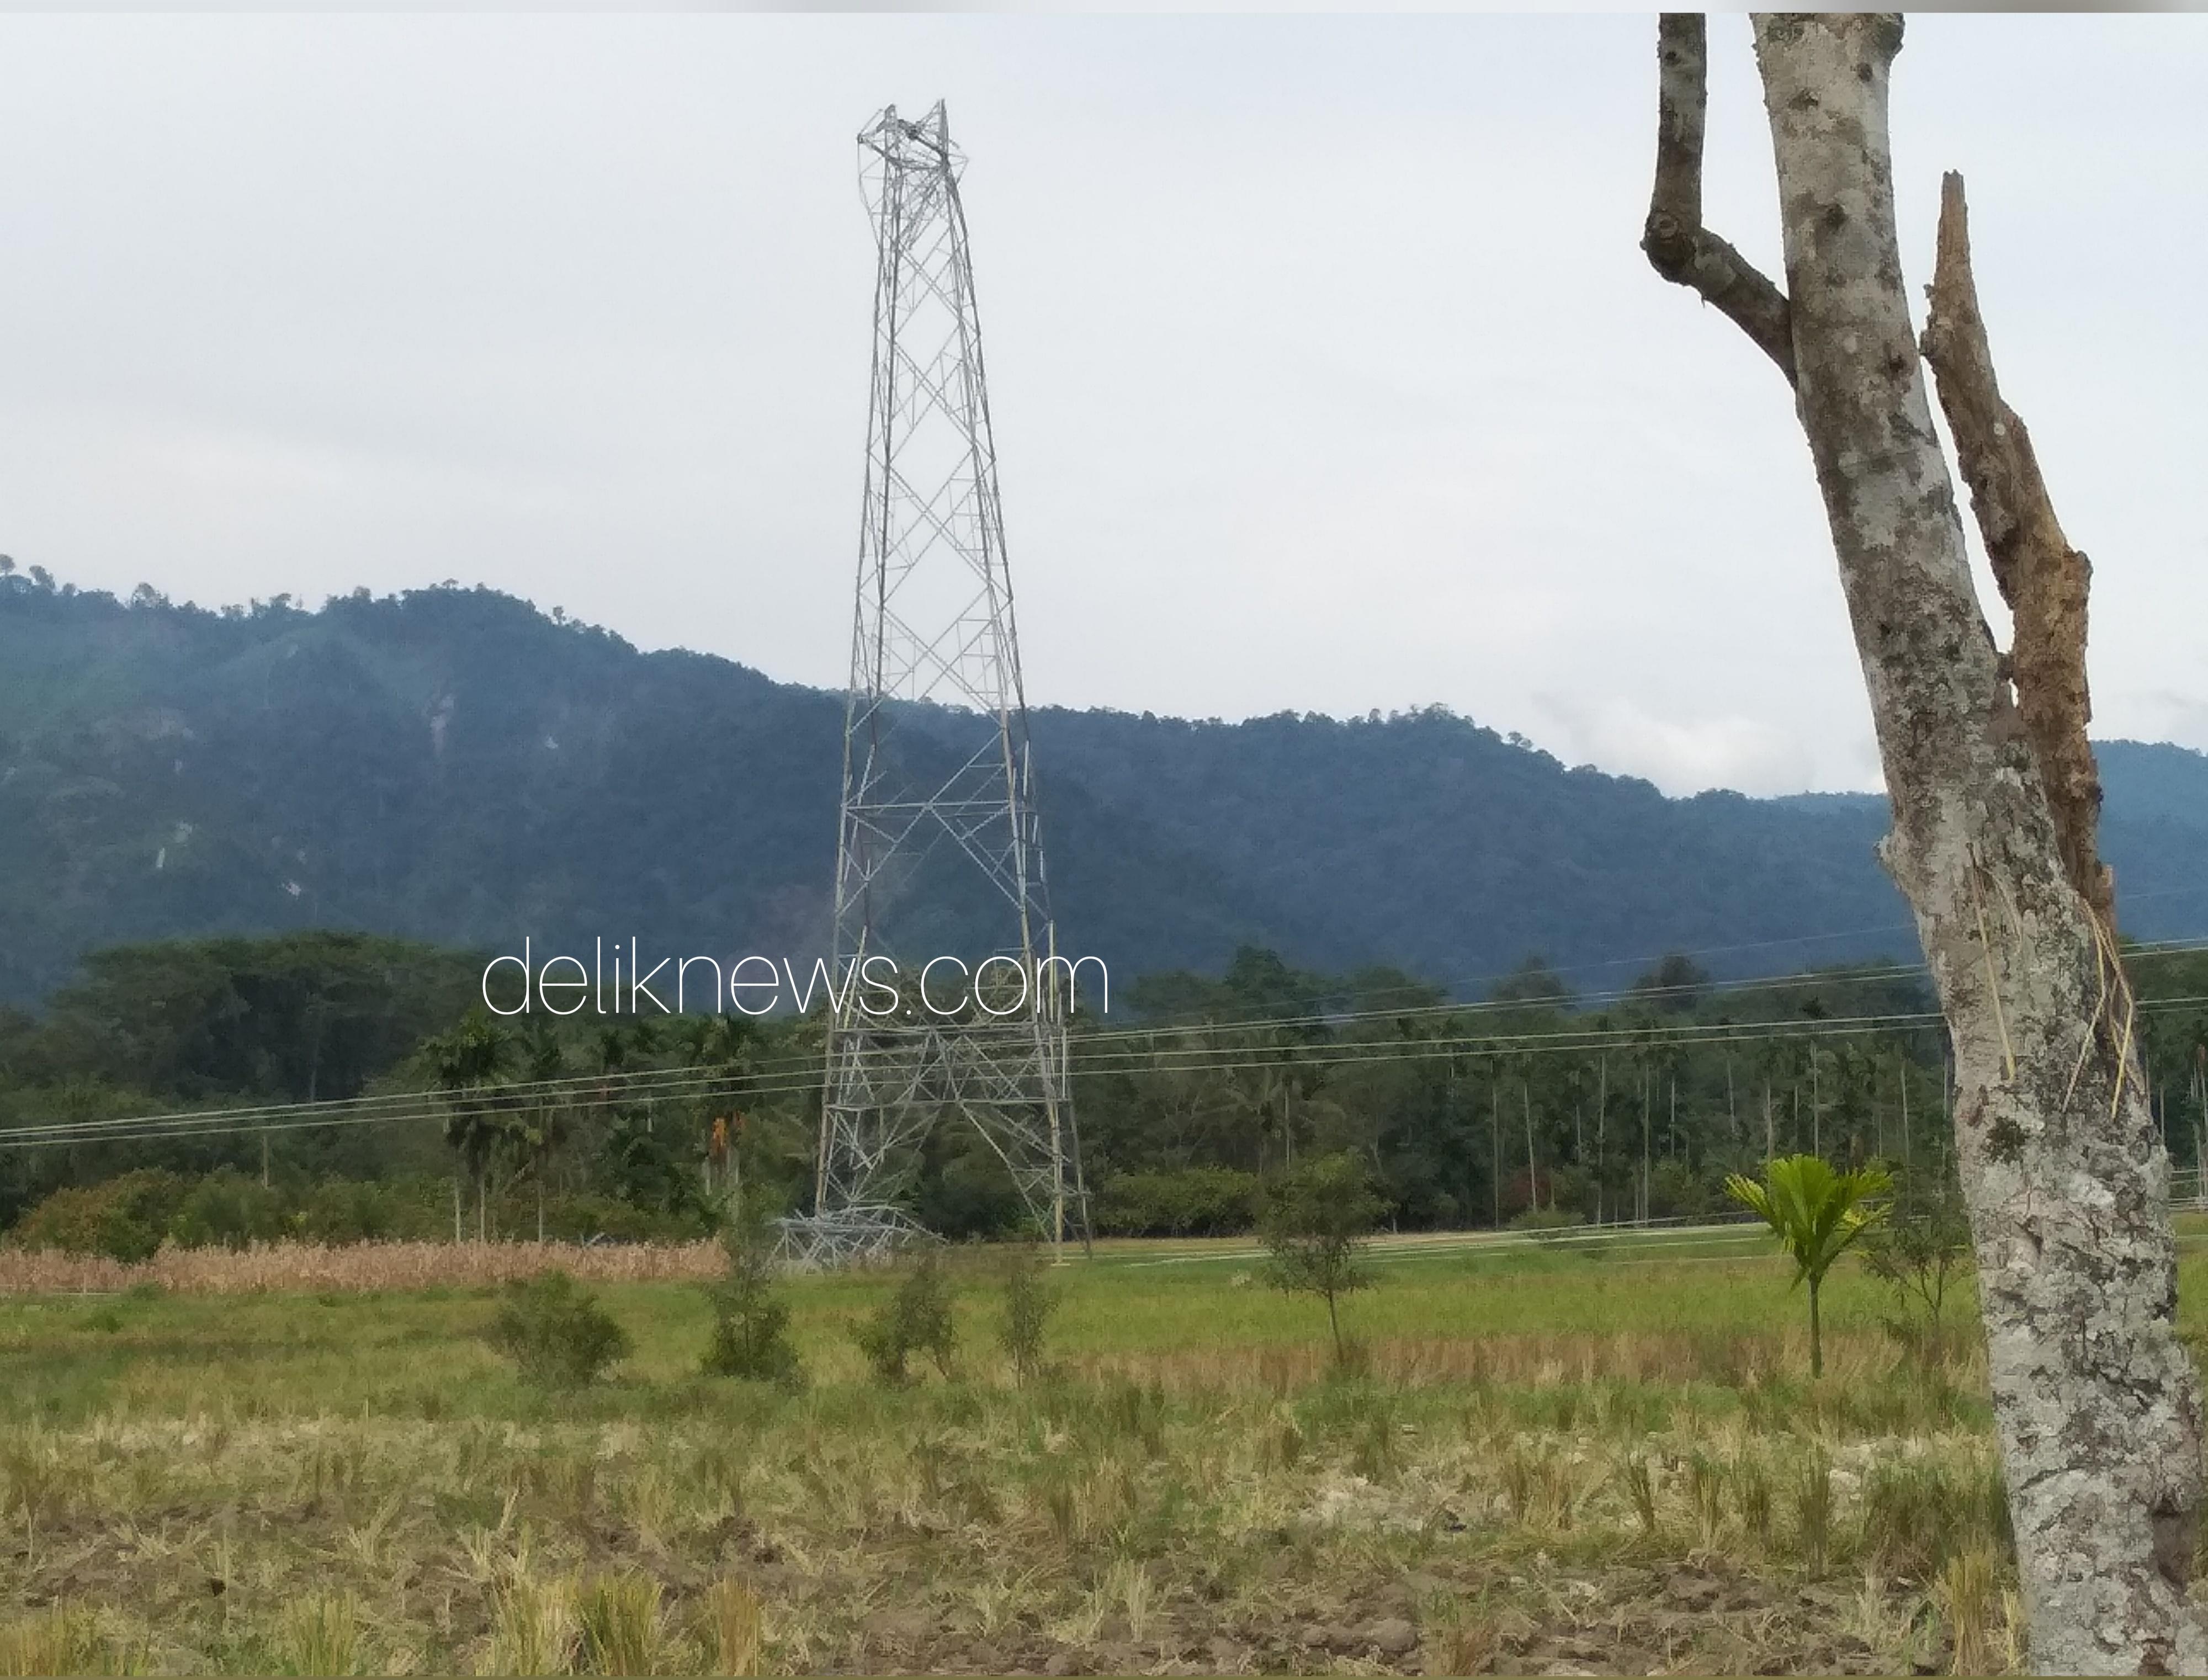 Tower SUTET rusak di Pasaman terlihat belum diperbaiki, Minggu (23/12/18).